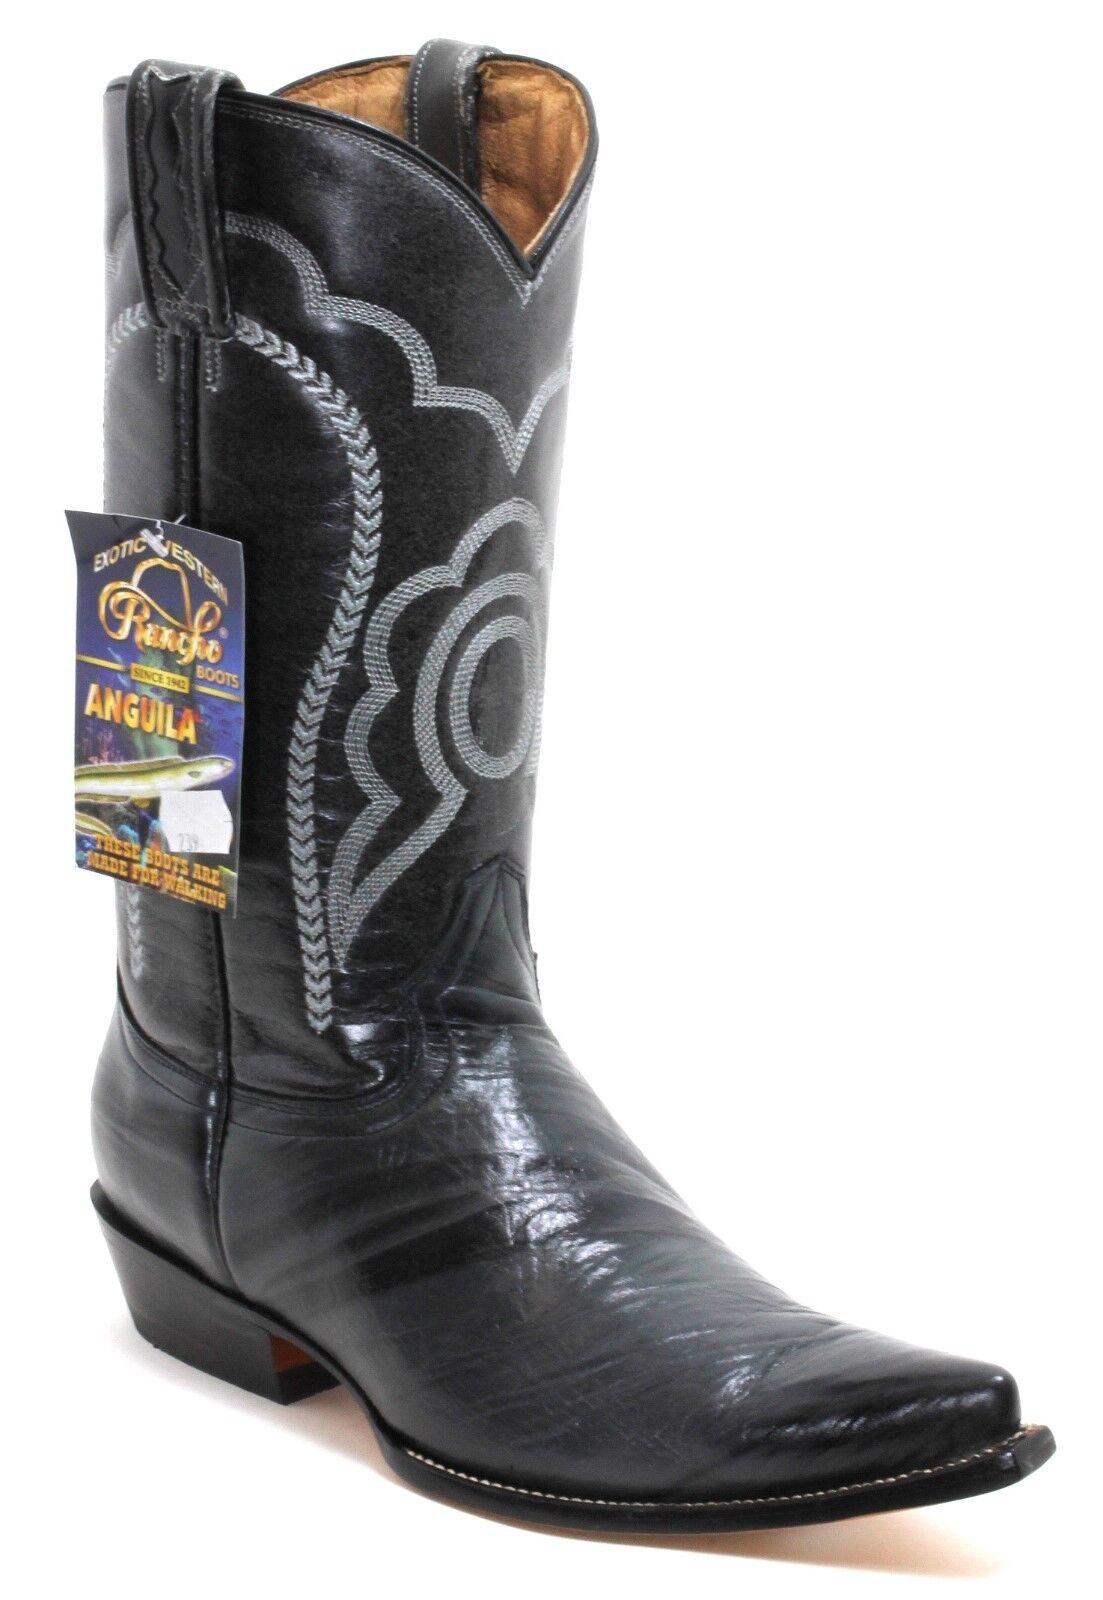 1 Cowboystiefel Westernstiefel Texas Boots Rancho Exotic Western Aal Anguila 44